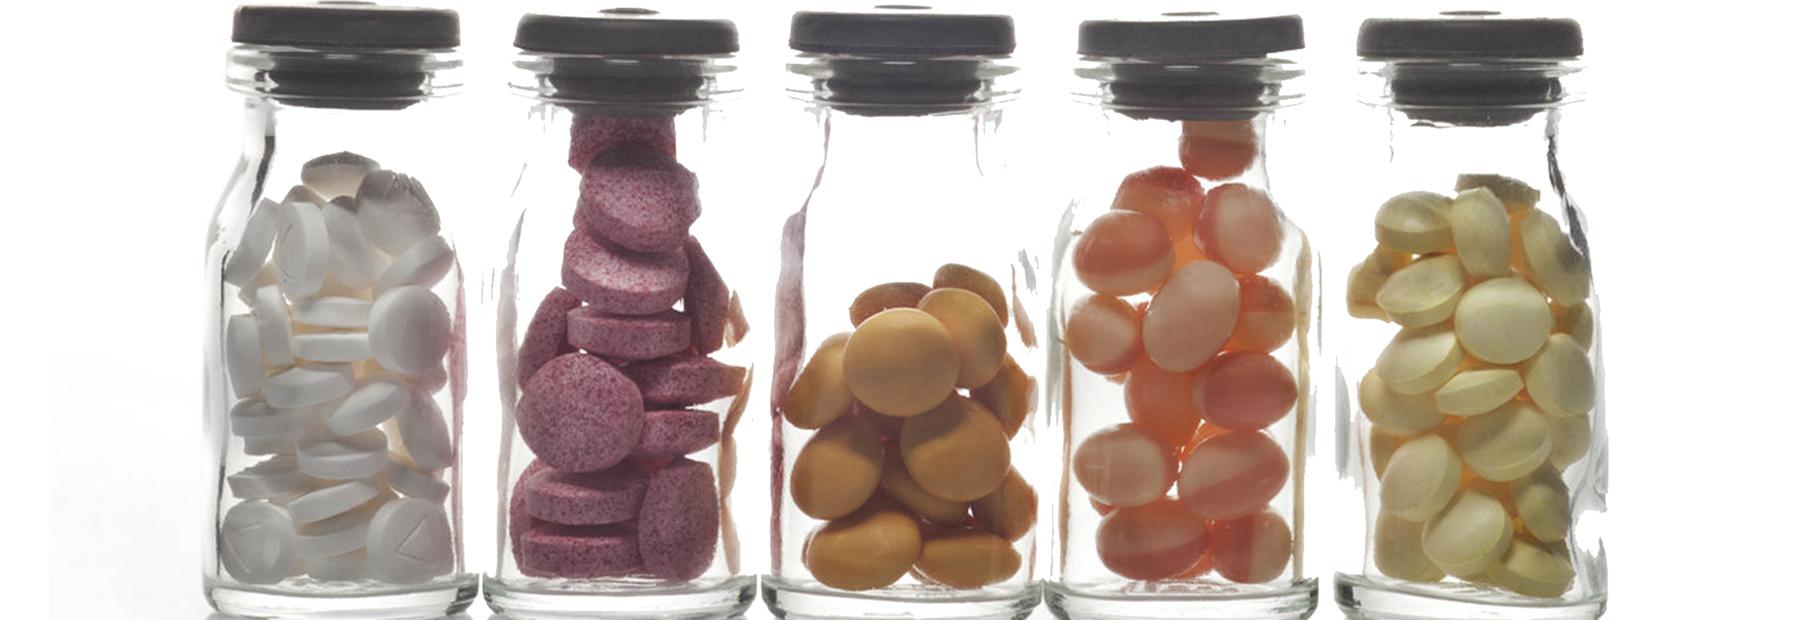 Consumo de medicamentos, entre las exigencias del mercado y la salud de la gente